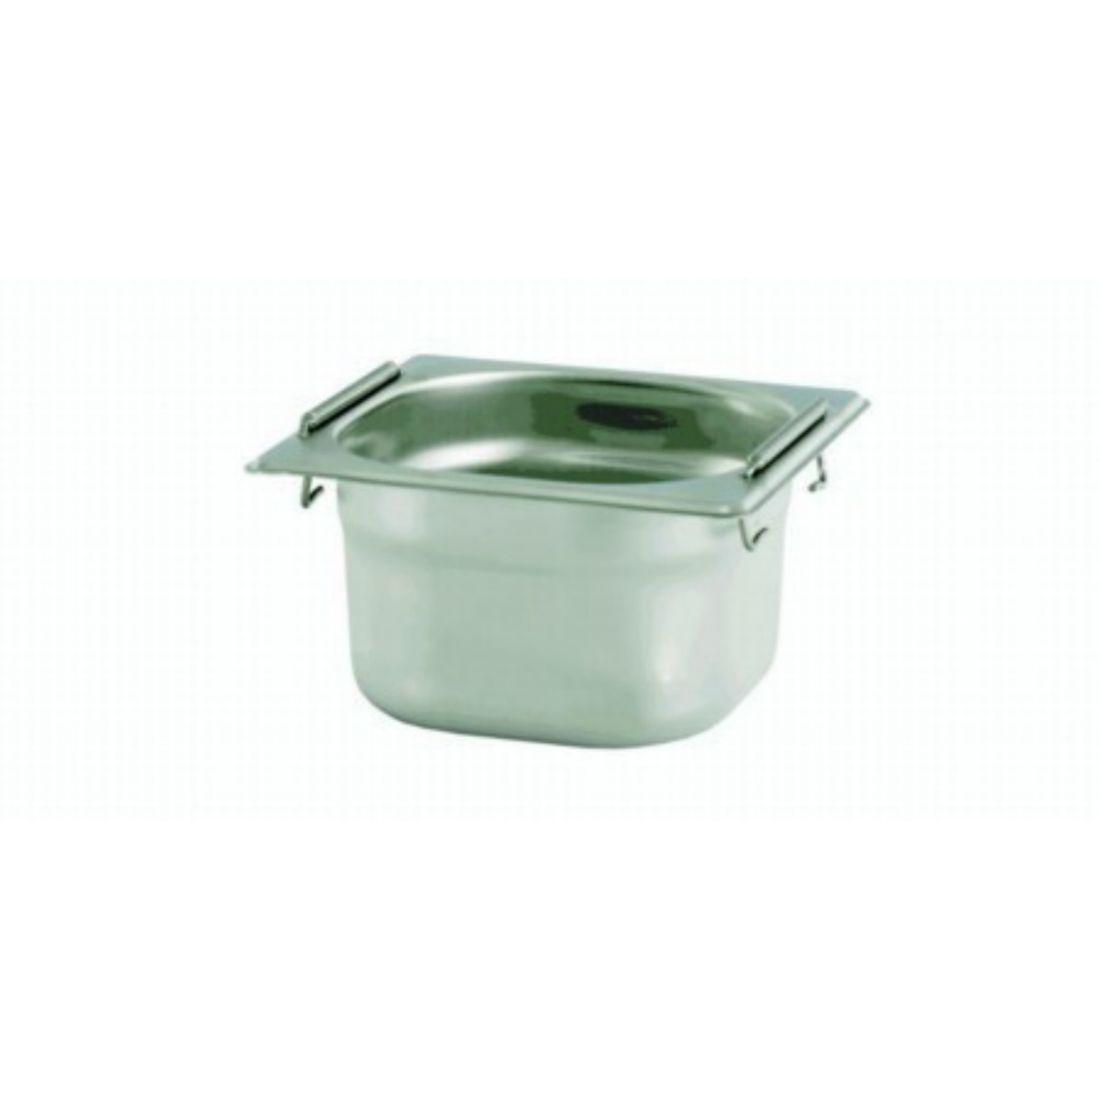 Gastronádoba se sklápěcími úchyty GN 1/6 065 mm